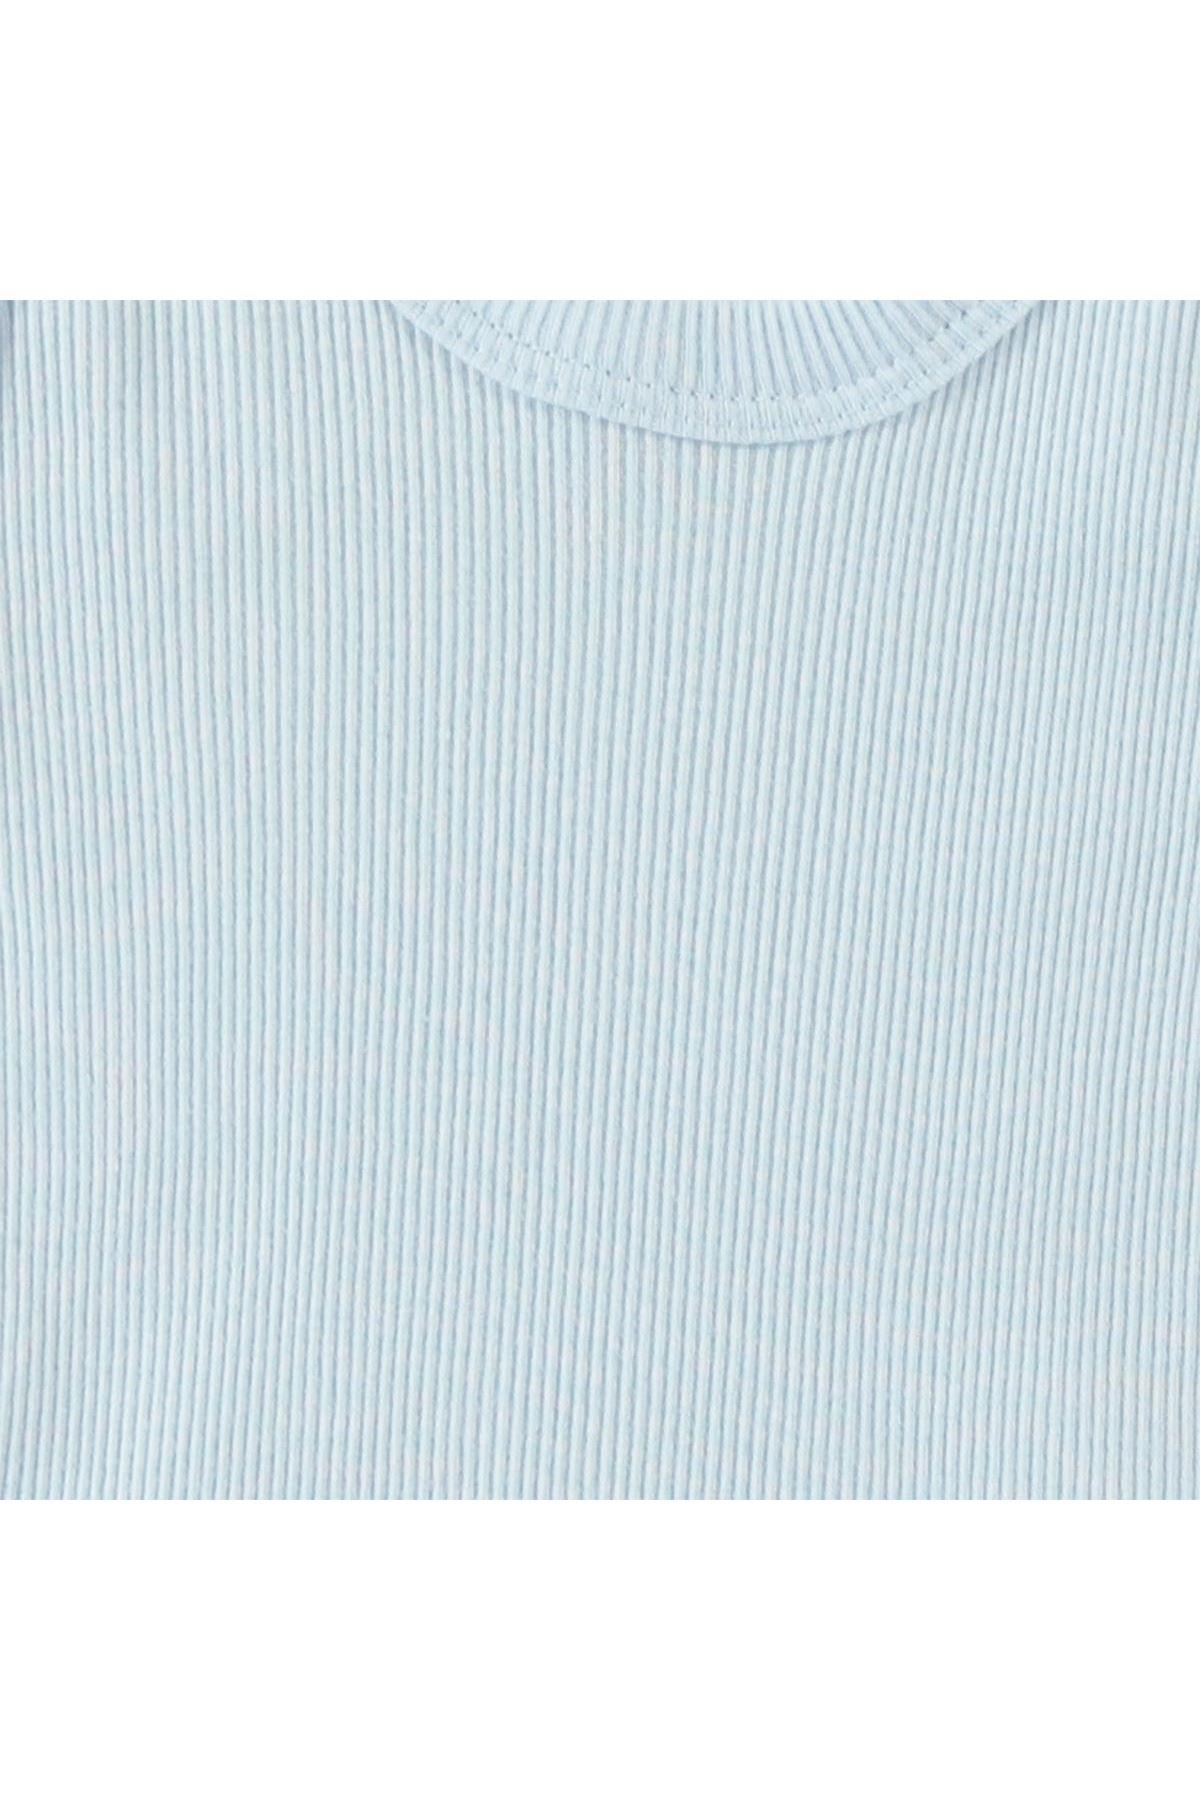 Albimini Minidamla Kaşkorse Bebe Askılı Çamaşır Takımı 42770 Mavi